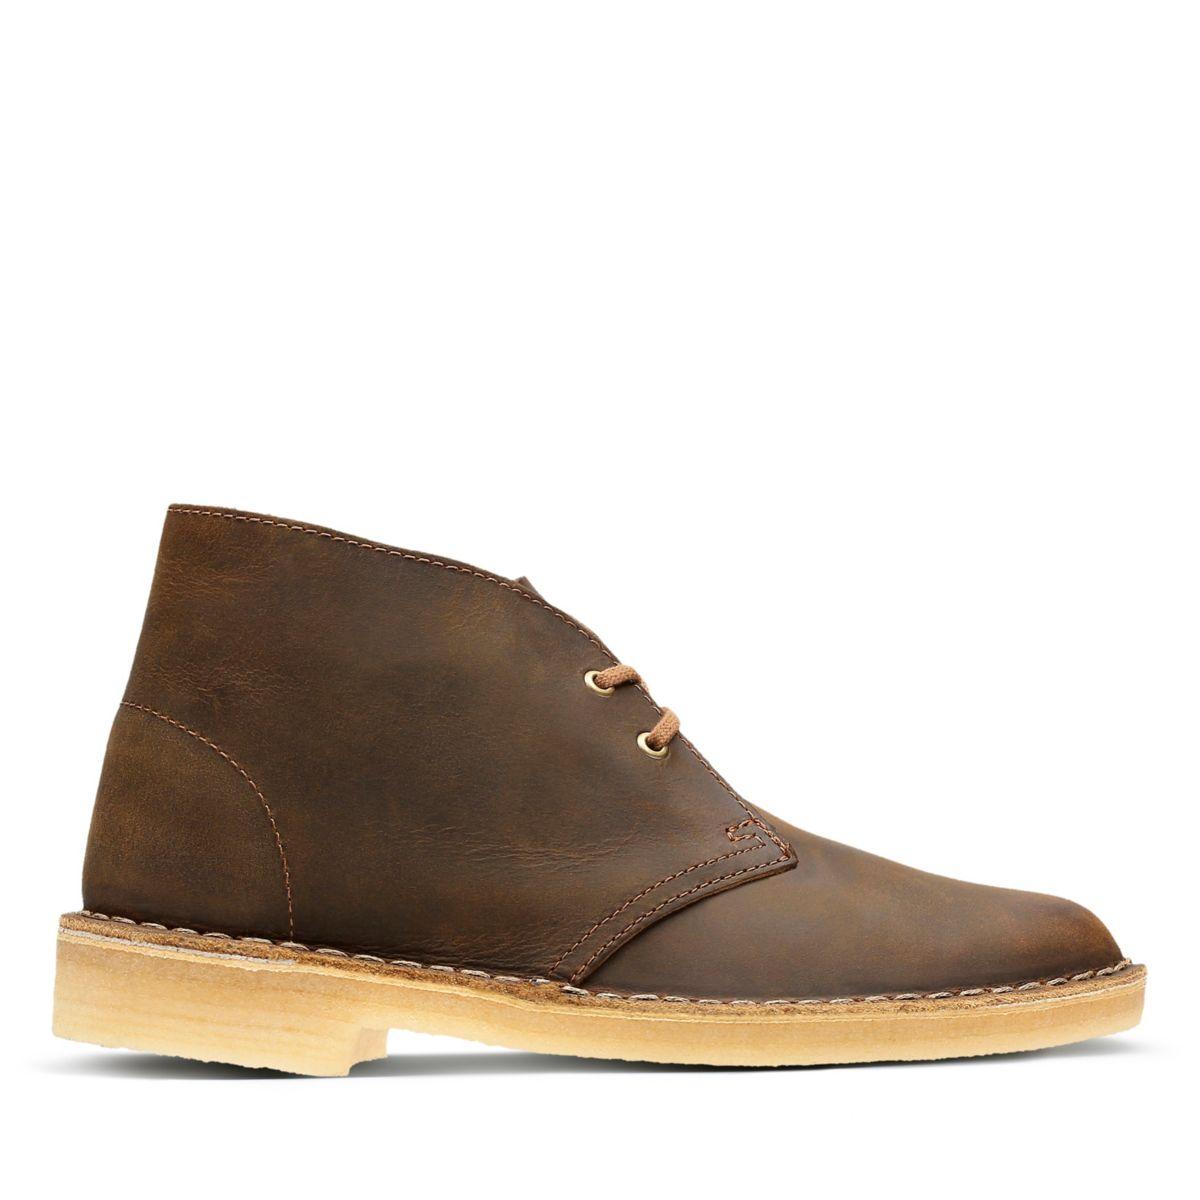 Casual Clarks Bottes Noires Chaussures Casual Pour Les Hommes Du Désert A2ikzaJj